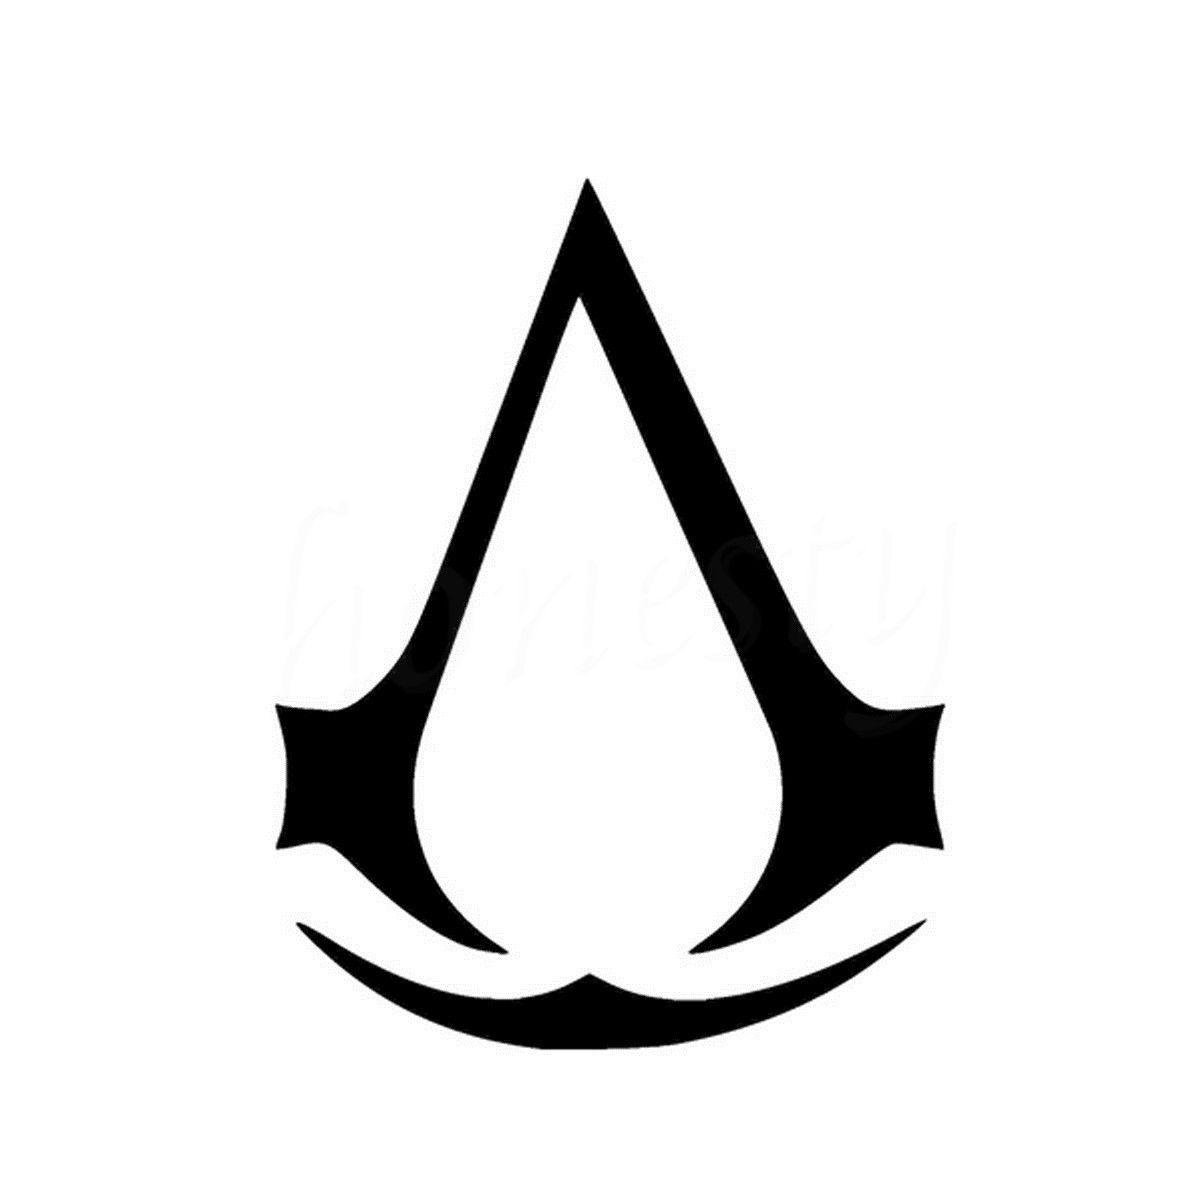 Assassins Creed Wall Home Glass Window Door Car Sticker Laptop Truck Motorcycle Vinyl Black Decal Sticker Decor 11.5cmX14.8cm